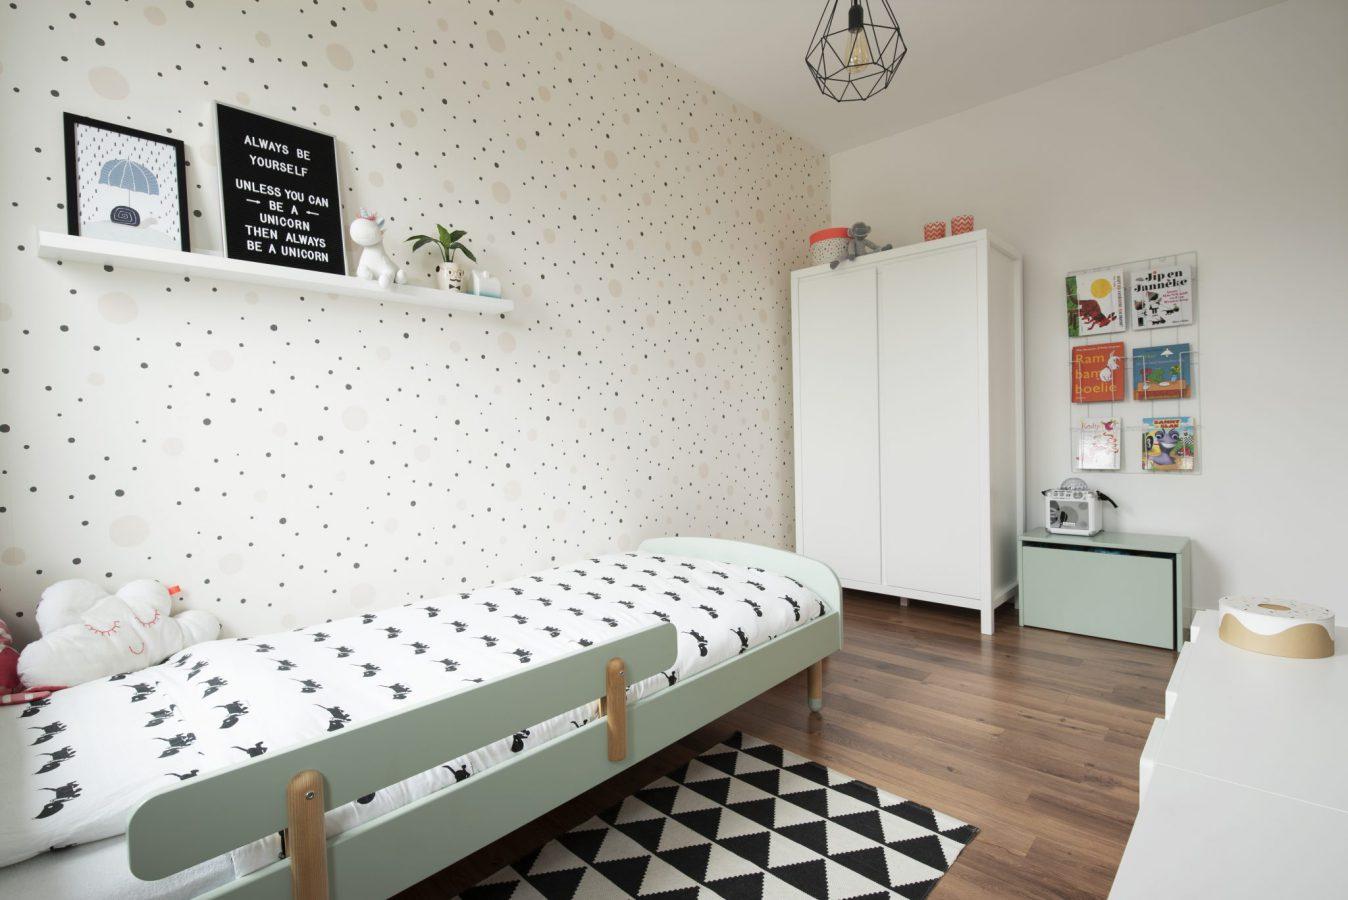 interieurontwerp interieuradvies styling duurzaam meisjeskamer Drunen Vlijmen